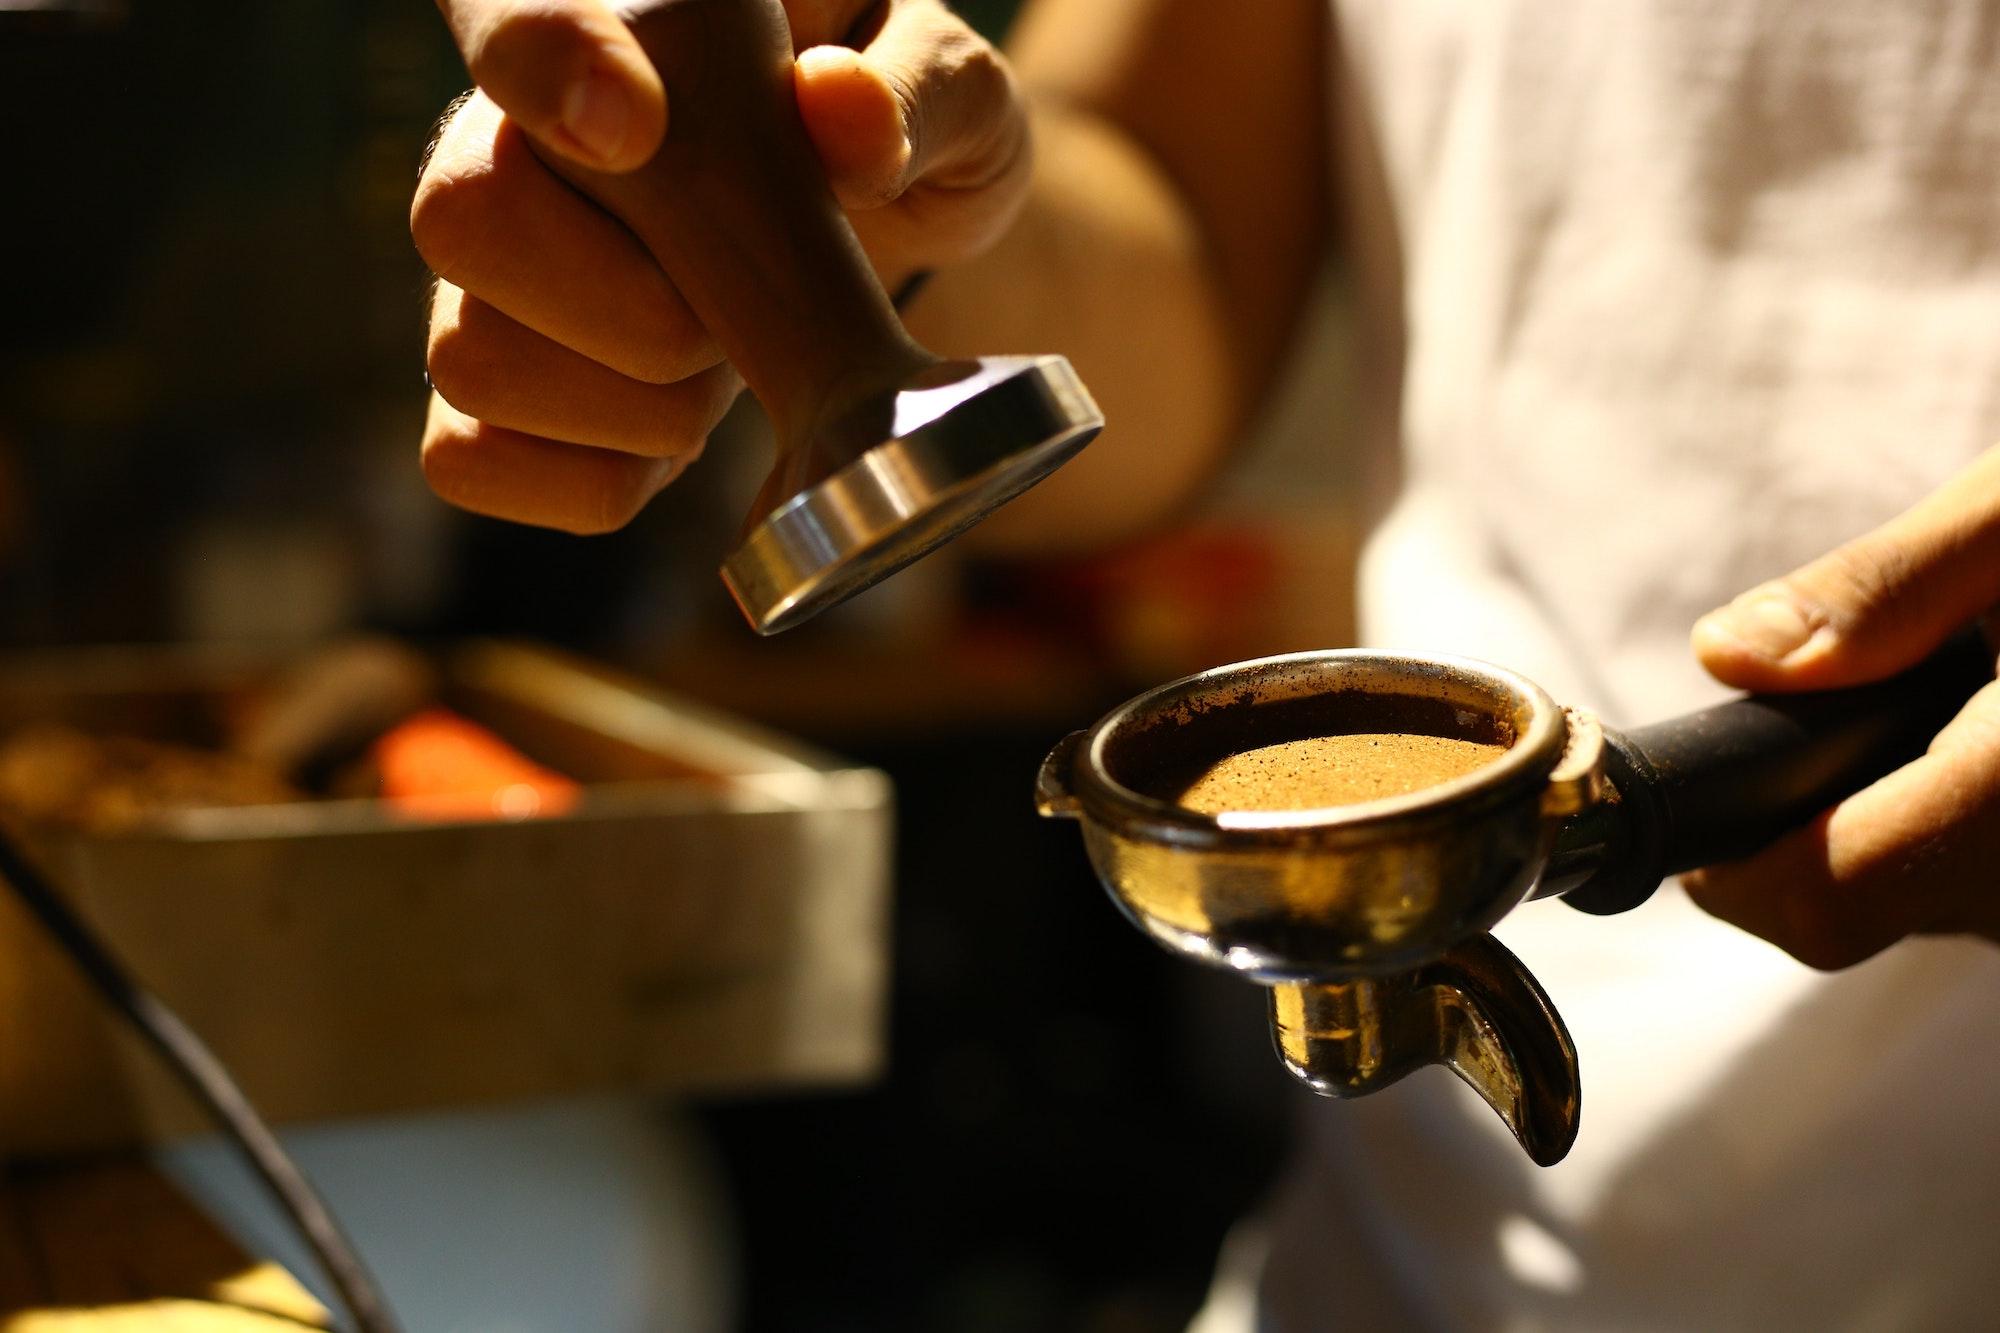 In Nahaufnahme sehen wir einen Siebträger gefüllt mit Espresso Mehl, sowie einen Tamper. Beides wird von einem Unbekannten in der Hand gehalten. Er trägt ein weißes Oberteil.